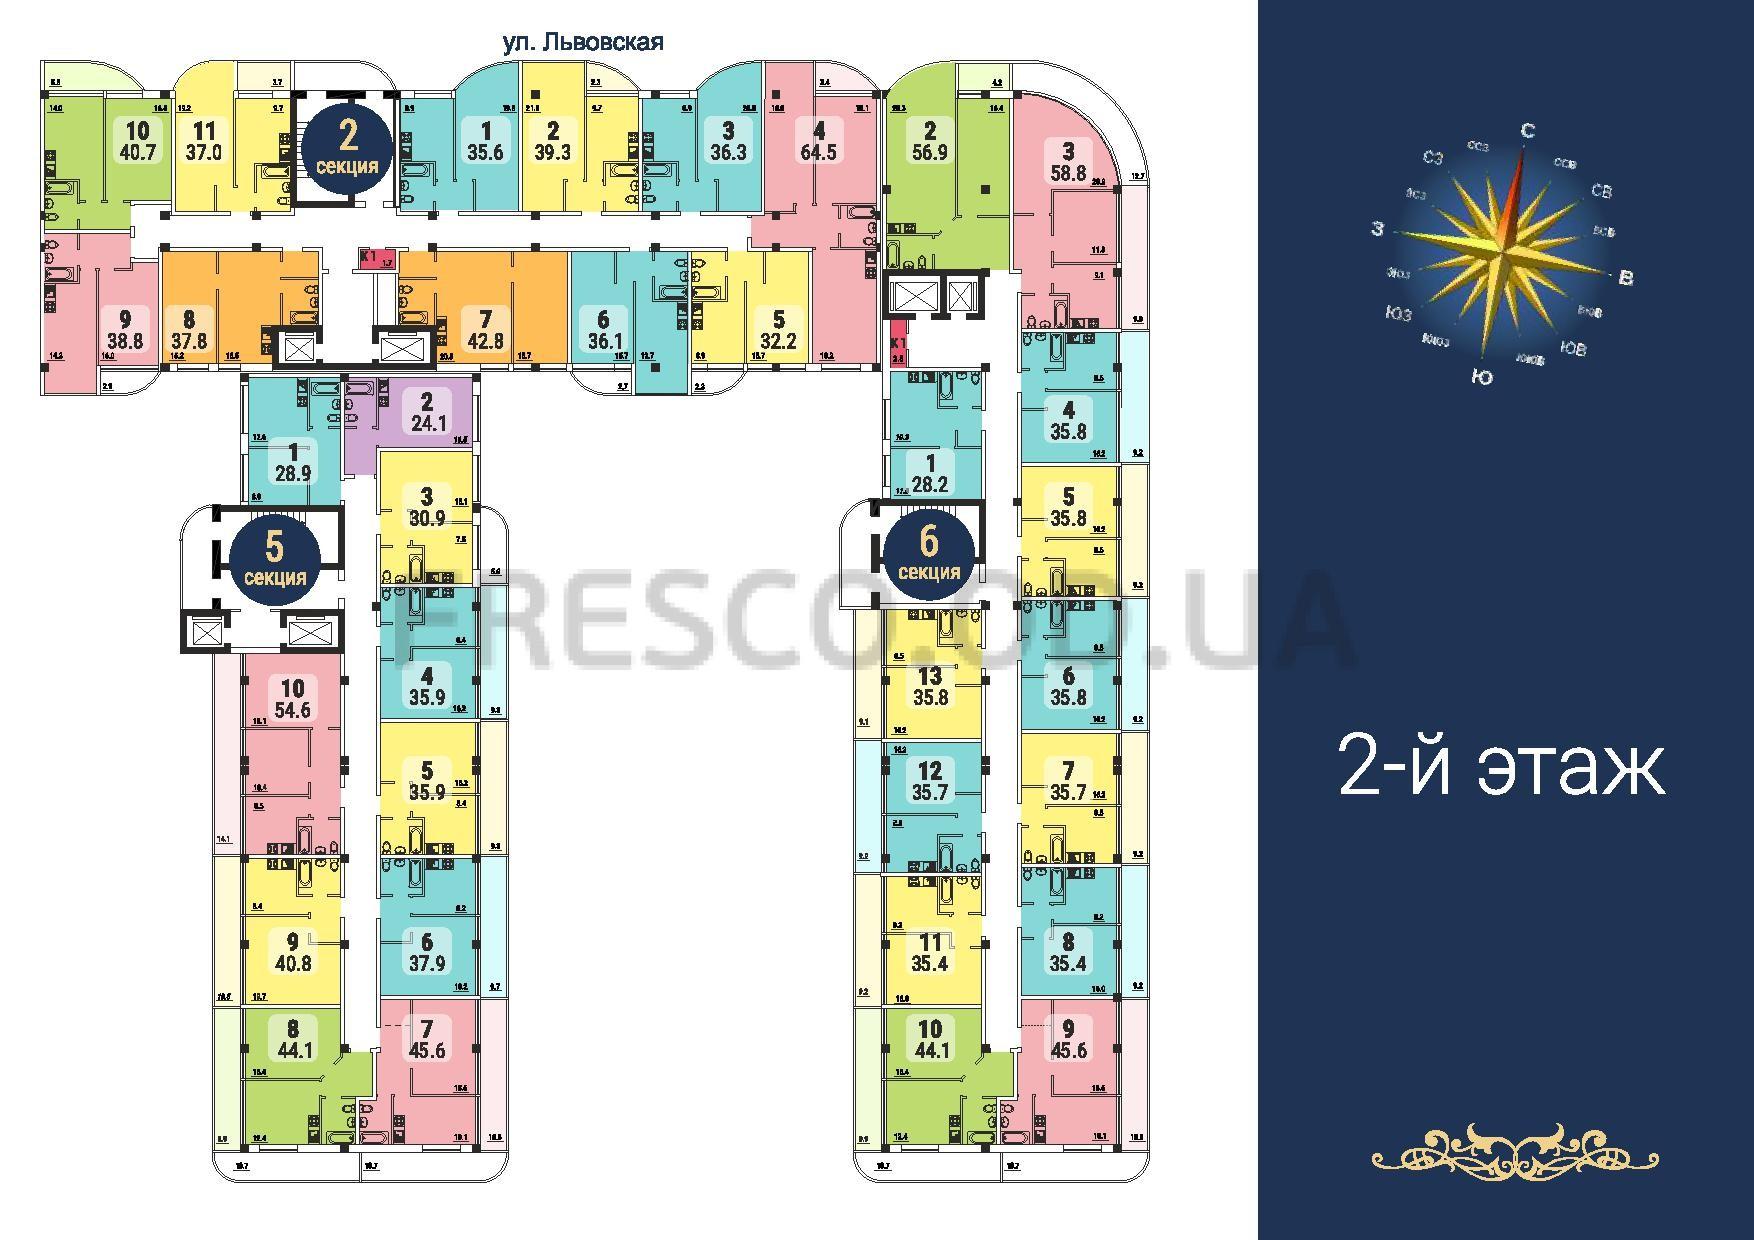 ЖК Море секции 2,5,6 план 2 этажа